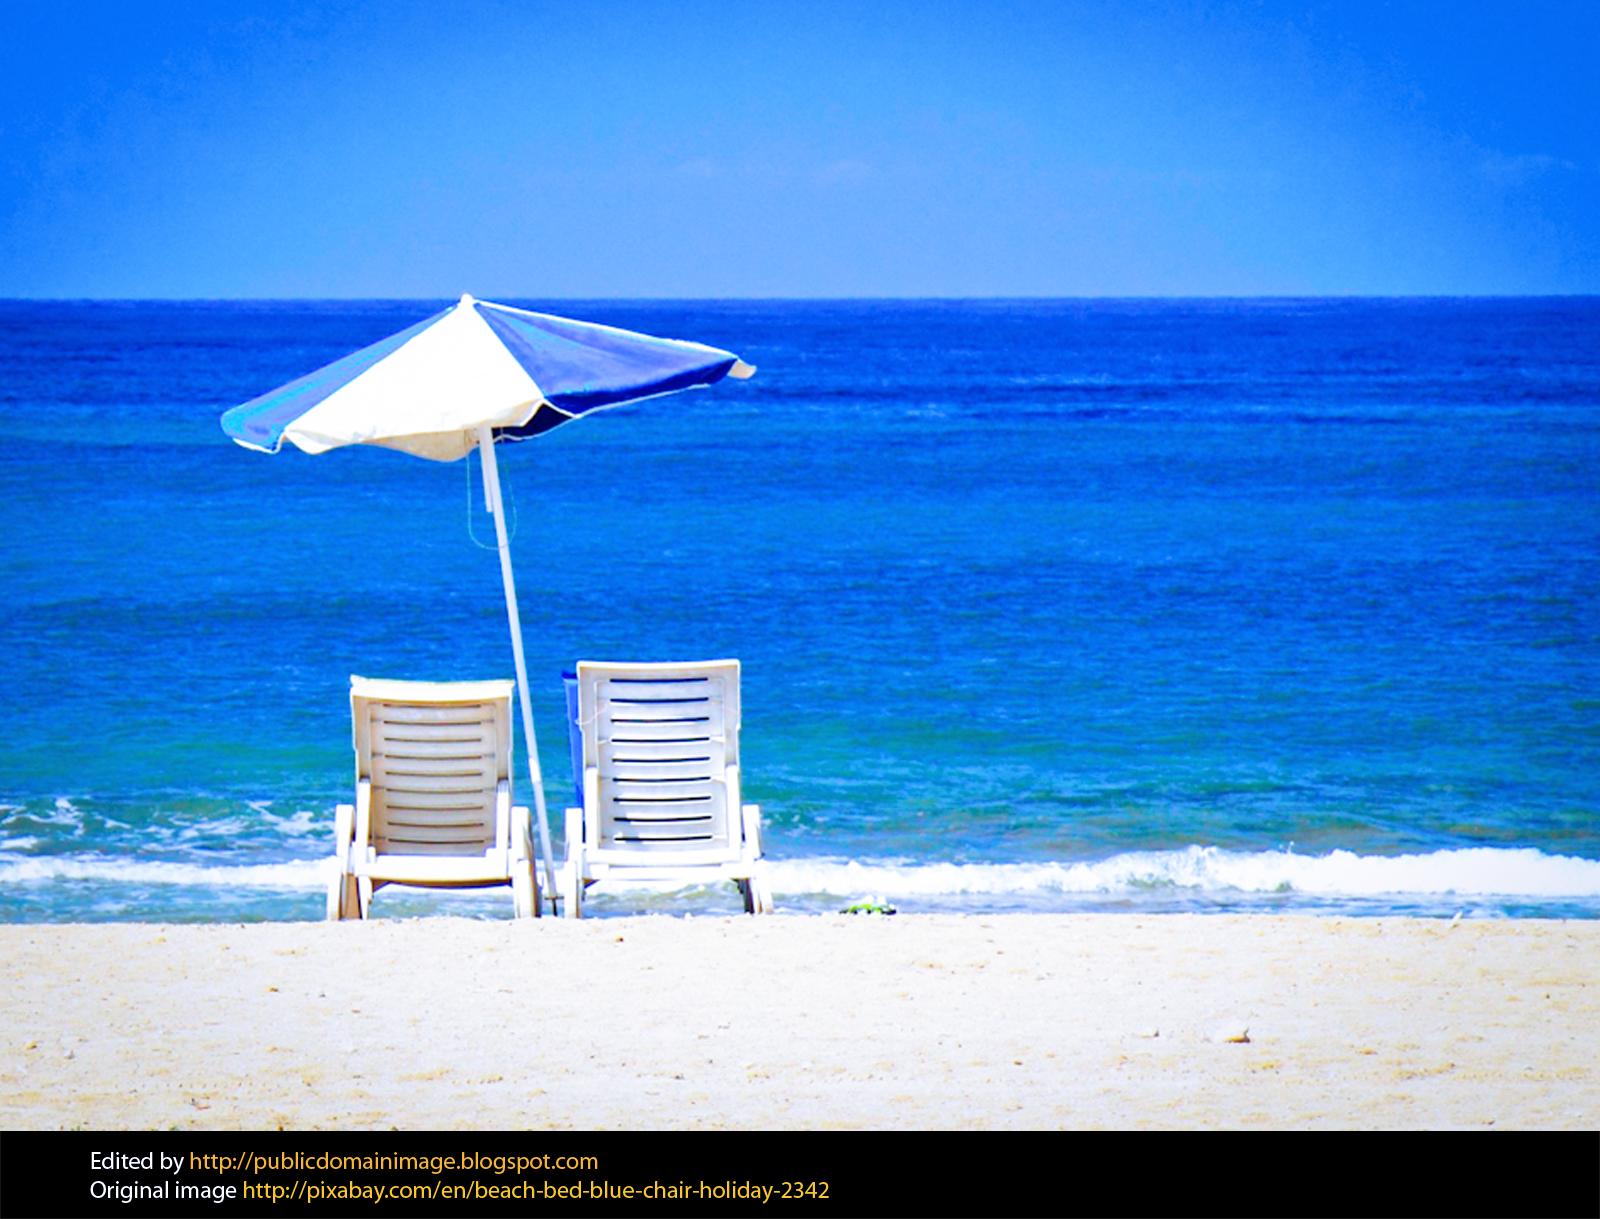 2 beach chairs on the beach - Beach Chair